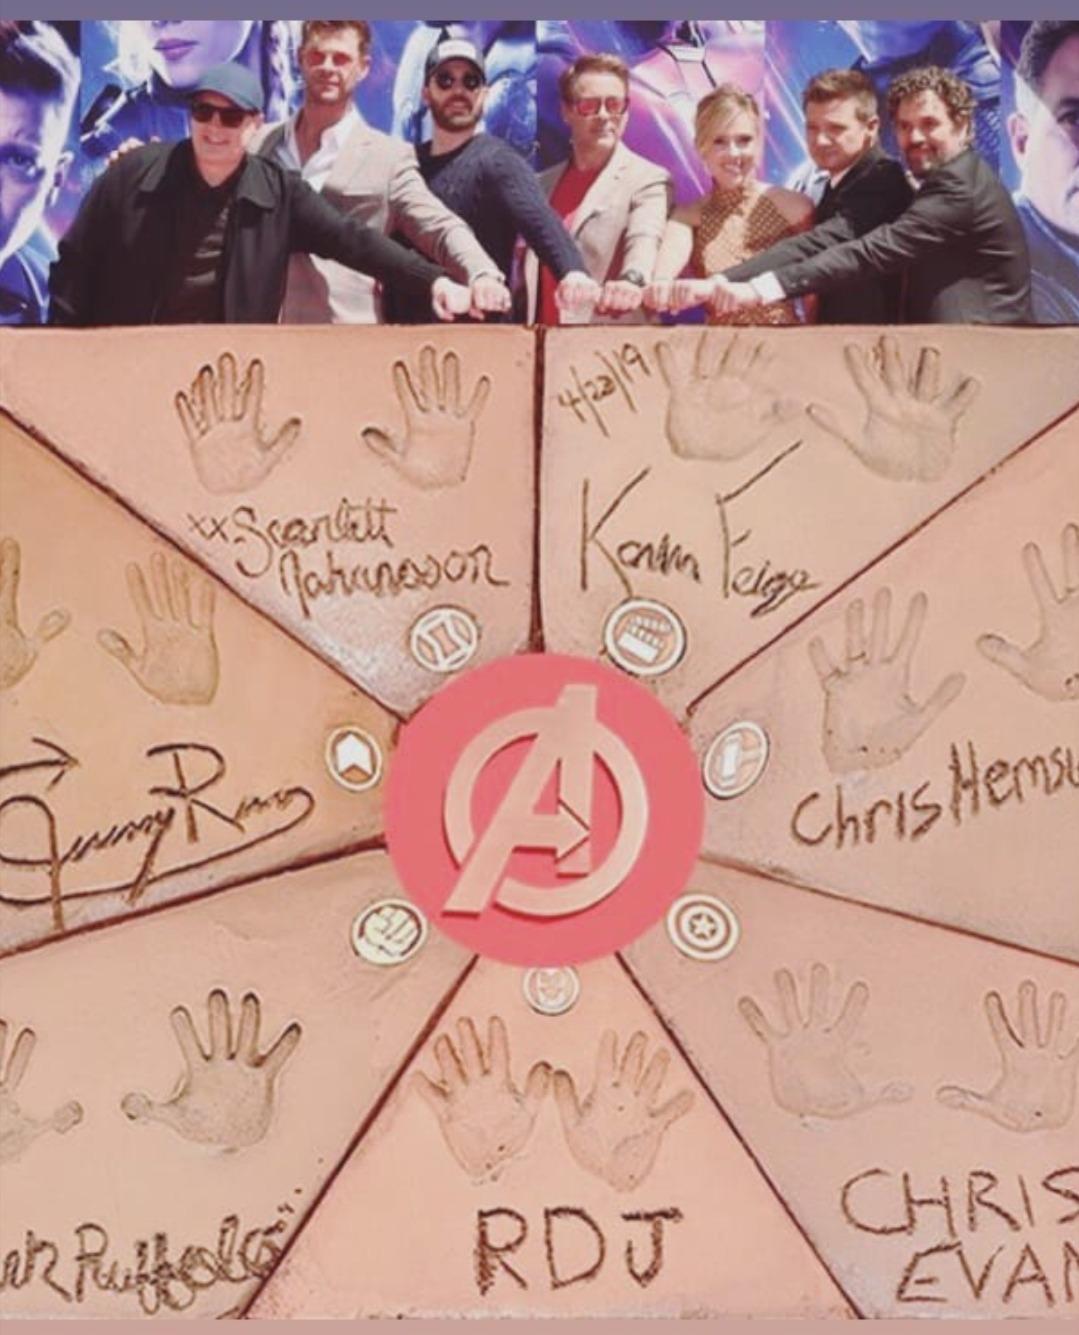 'Avengers Endgame' Cast Handprints Ceremony, Los Angeles (April 23, 2019)